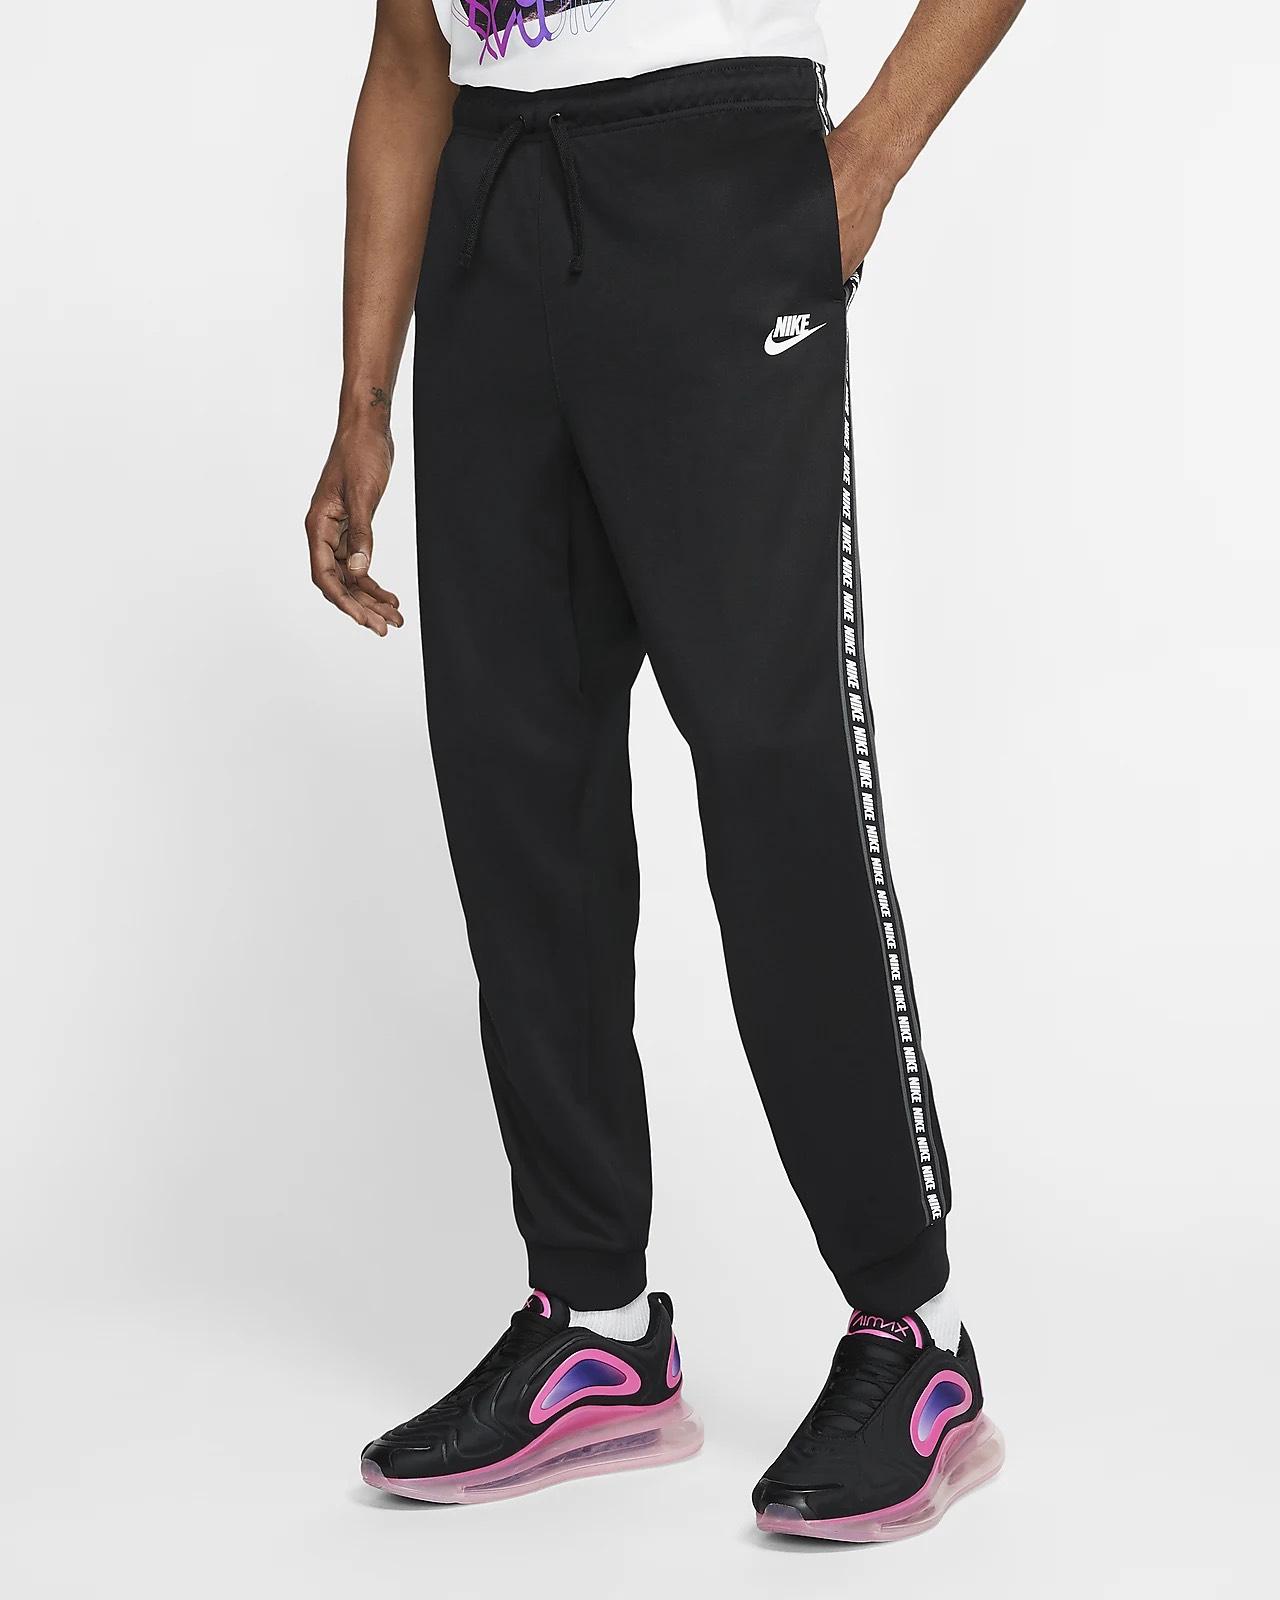 Pantalon Homme Nike Sportswear - Taille XS ou S